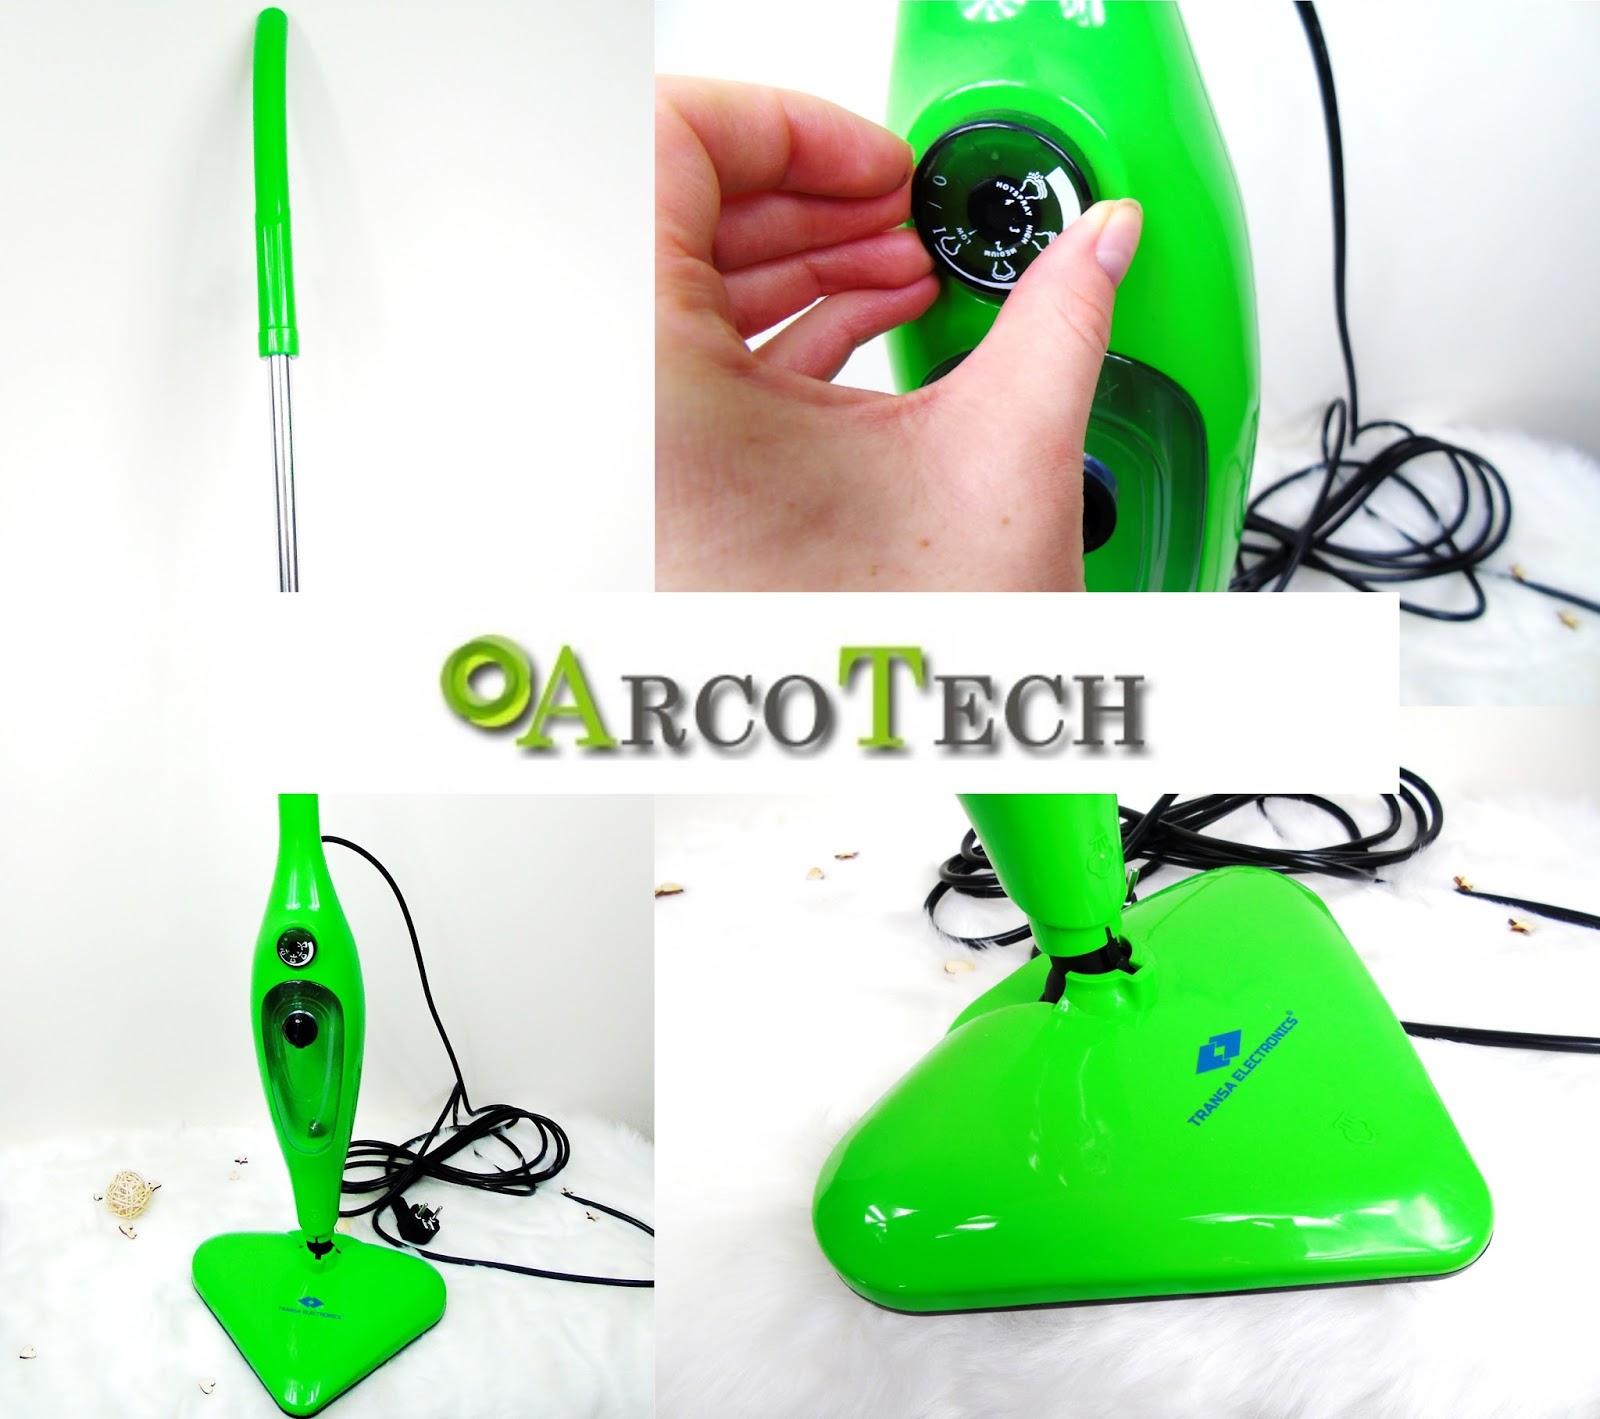 Mop parowy Transa Electronics 12w1 - Bo za wysoką jakość warto zapłacić więcej!